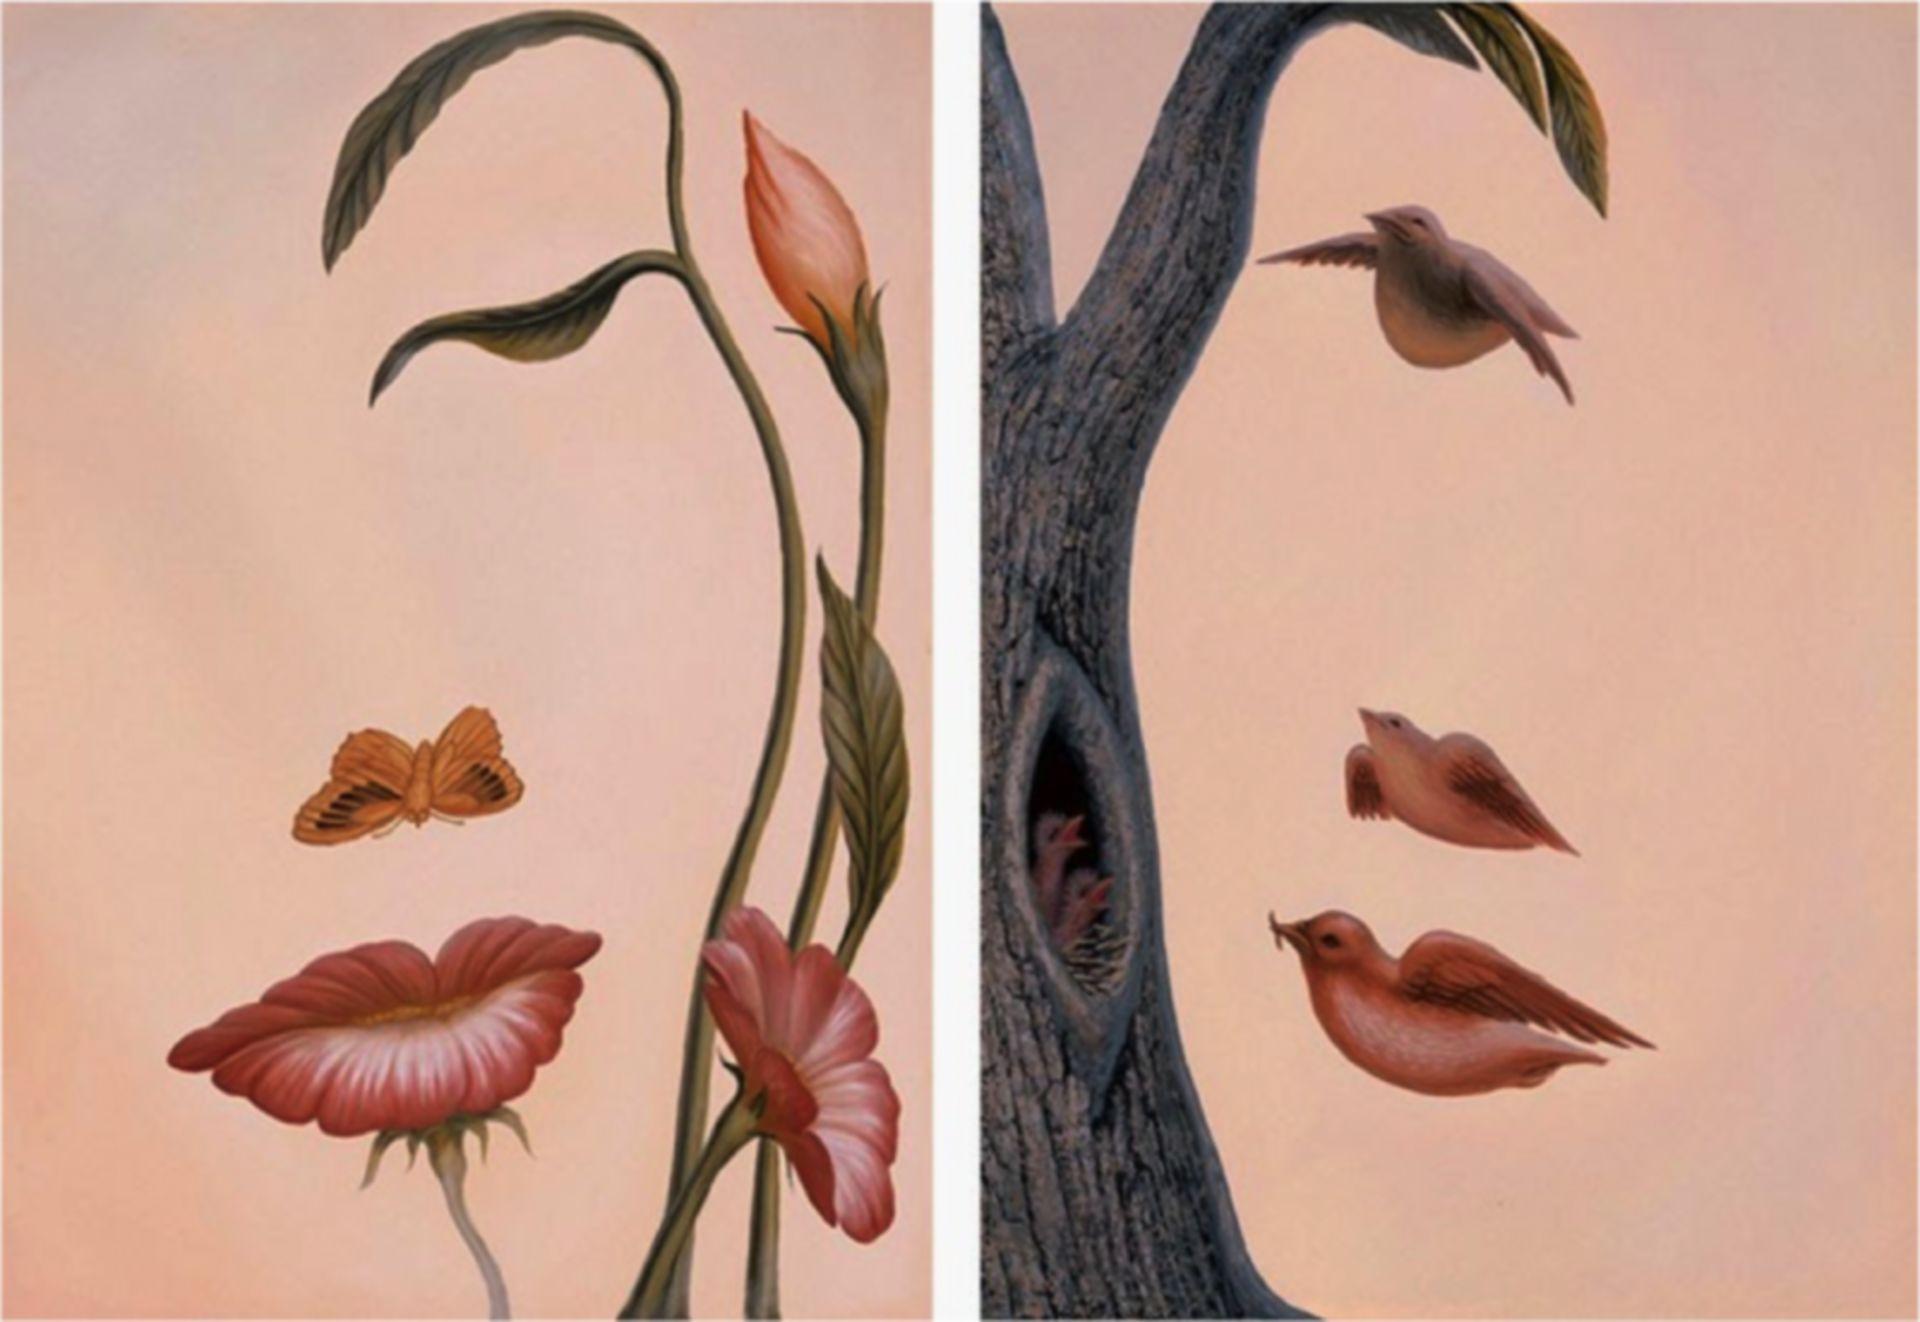 Natural beauty - illusion